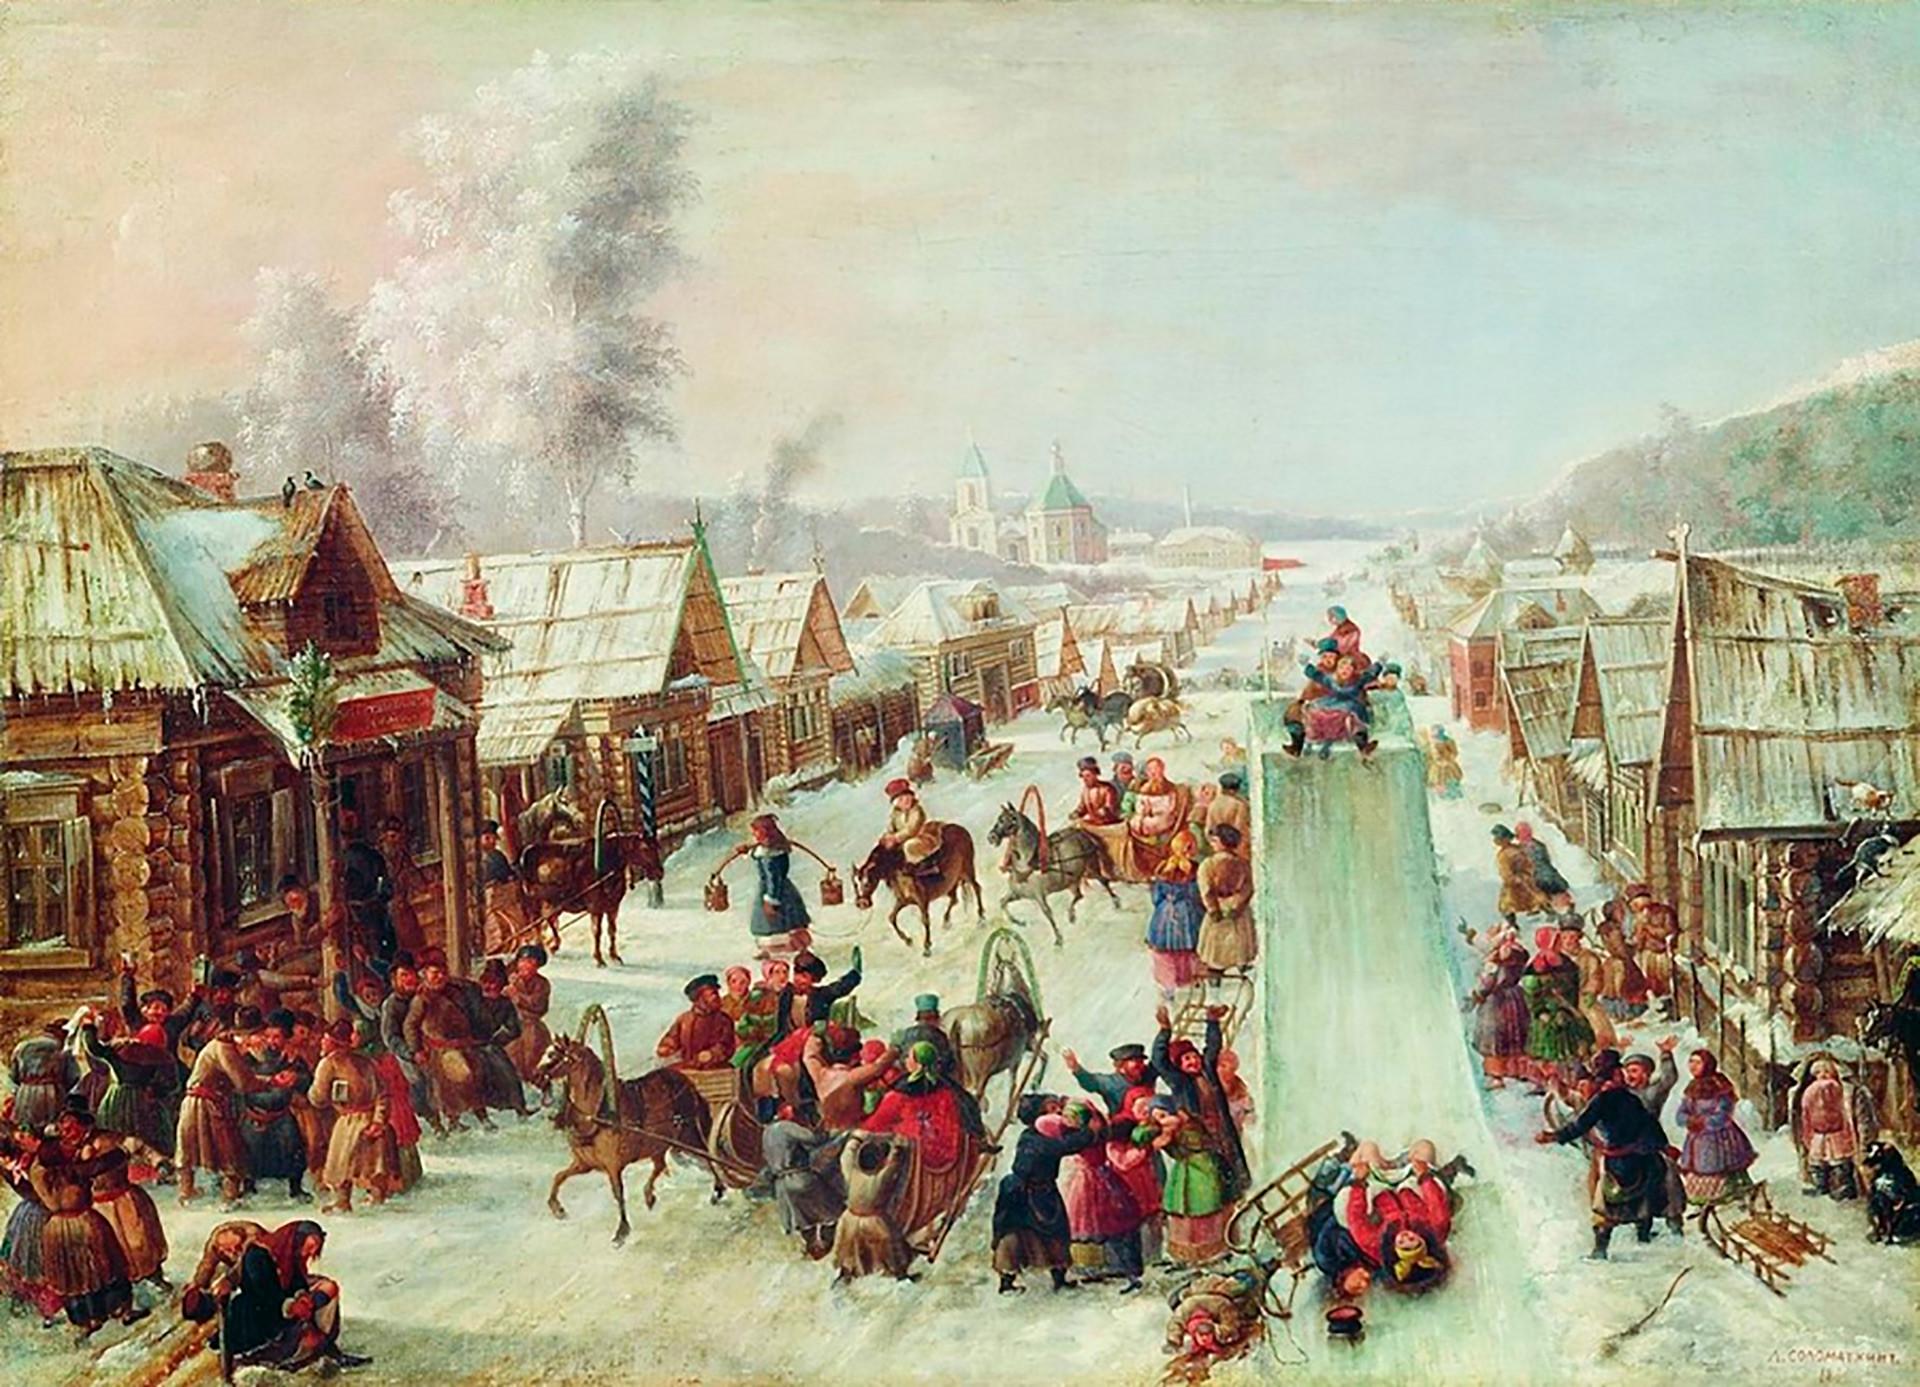 「マースレニツァ」、1878年